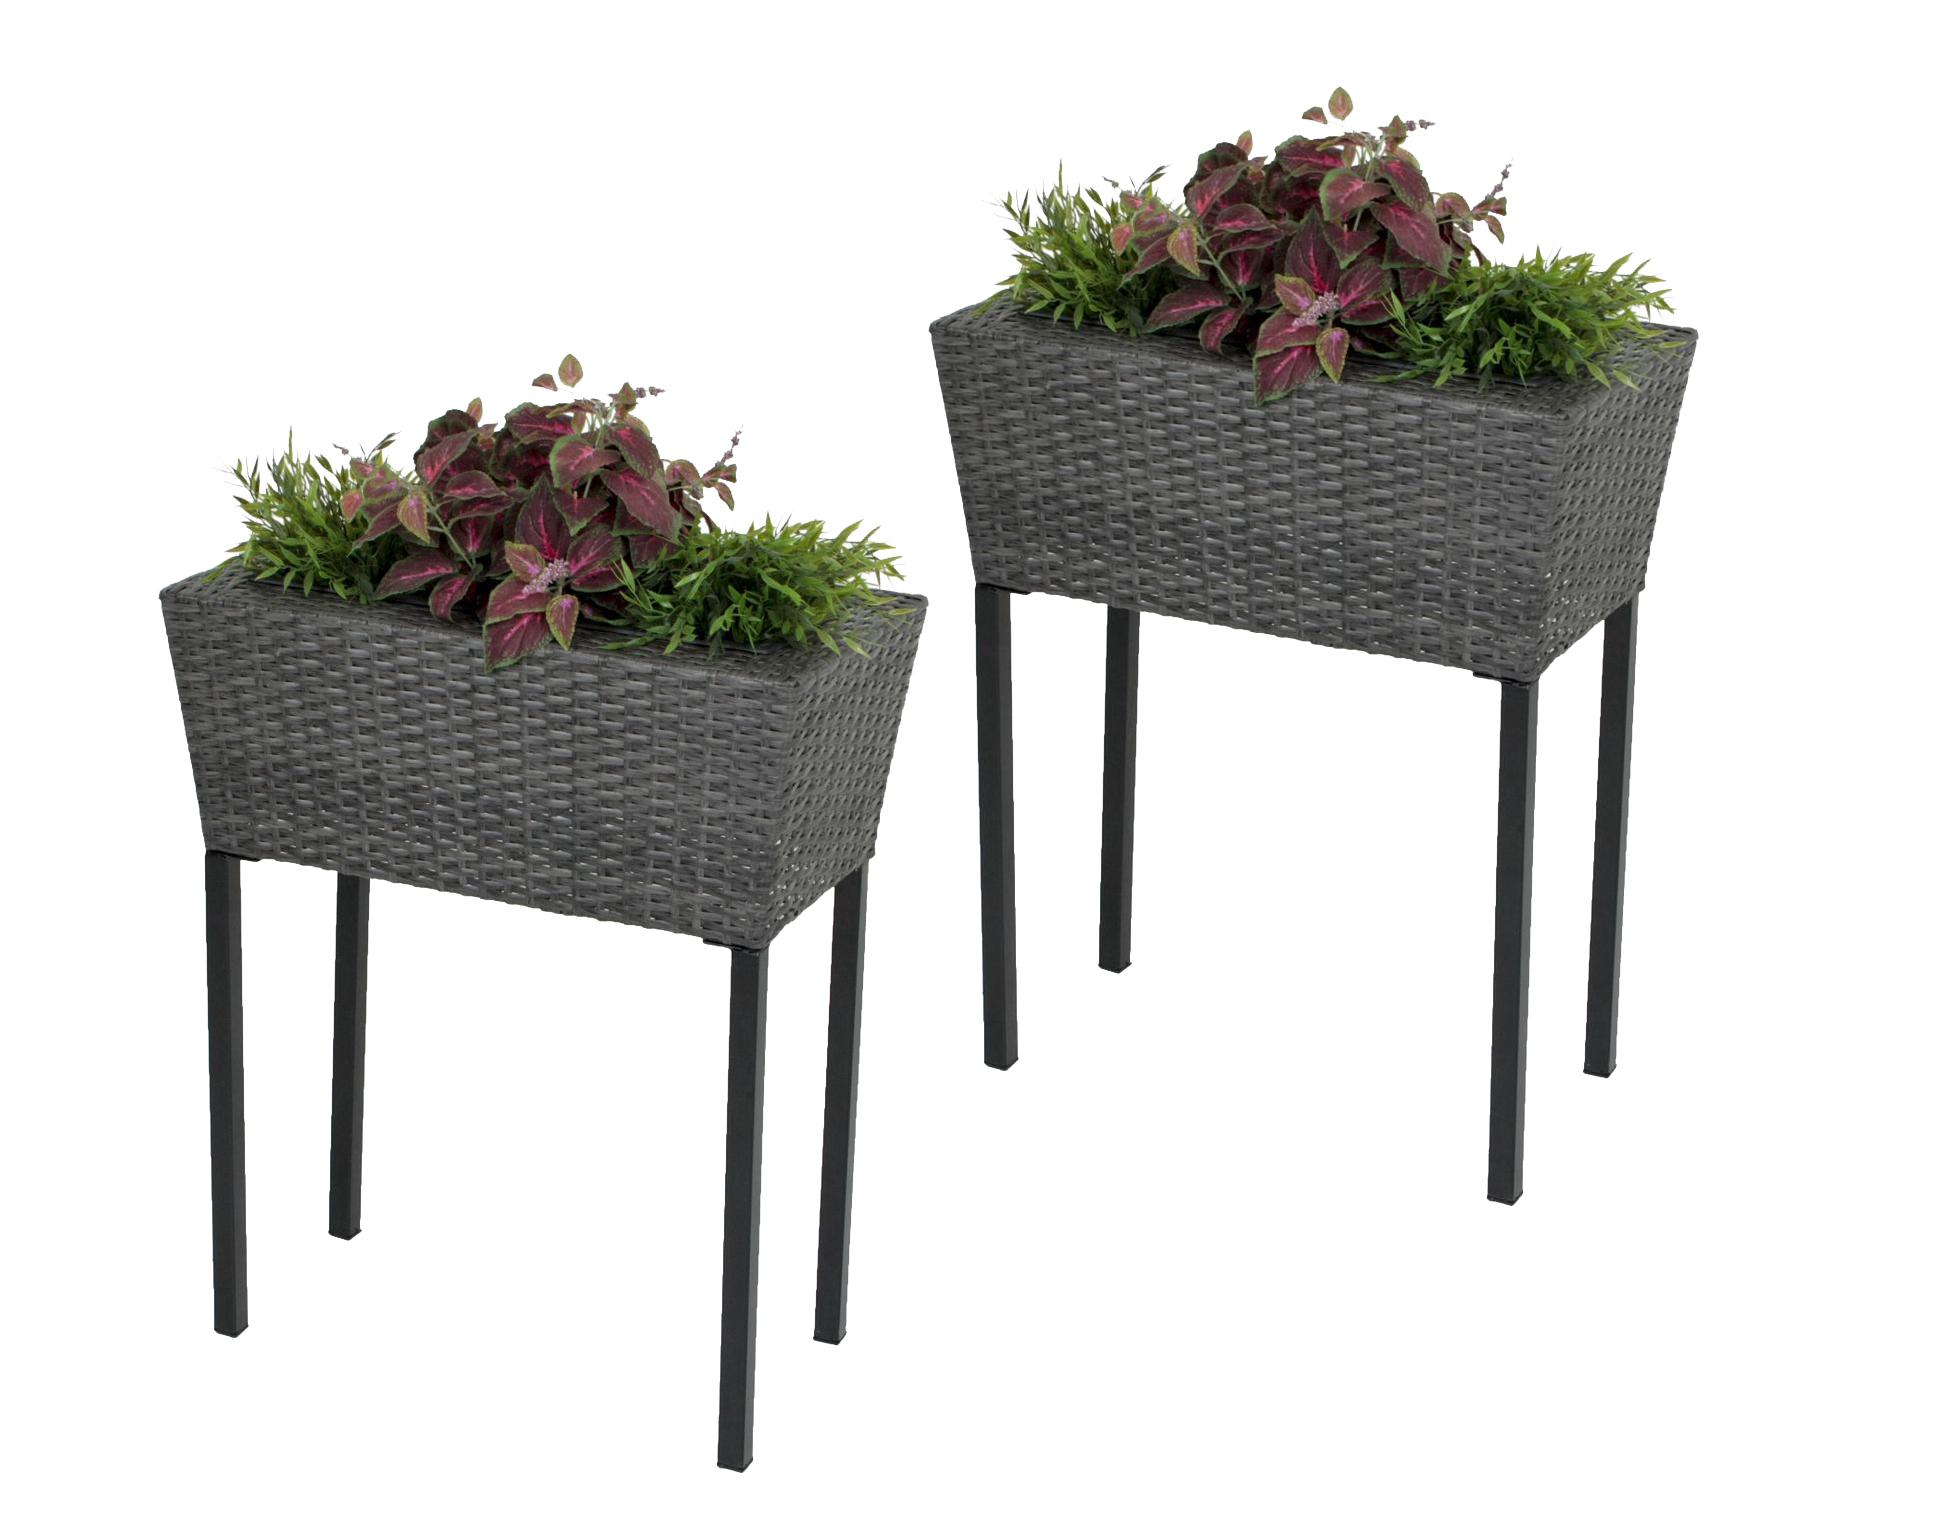 Pflanzkübel Terrasse.2x Hochbeet Blumentopf Pflanzkübel Blumenkübel Garten Terrasse Rattan Optik Dynamic 24 De